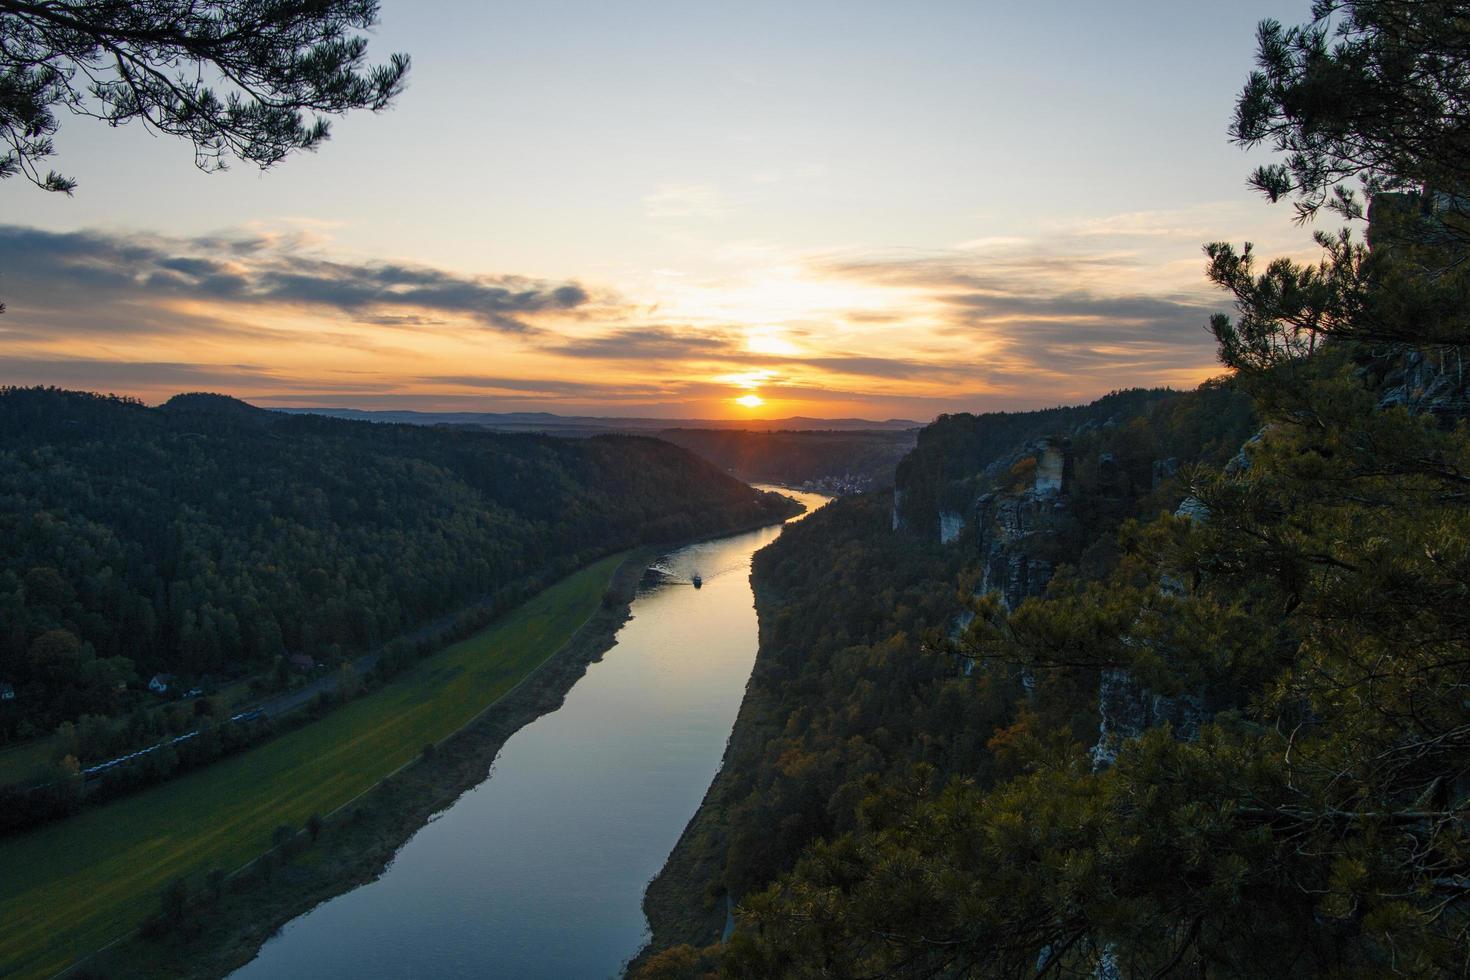 vista a volo d'uccello del fiume durante l'alba foto